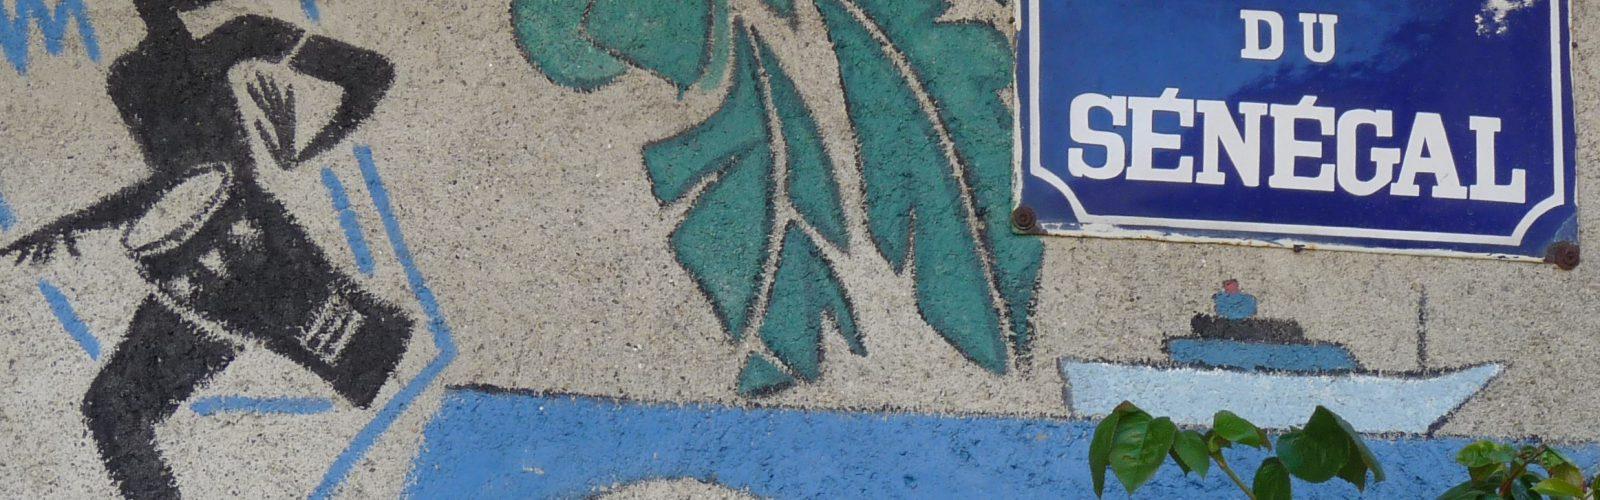 Le quai du Sénégal, à Prades